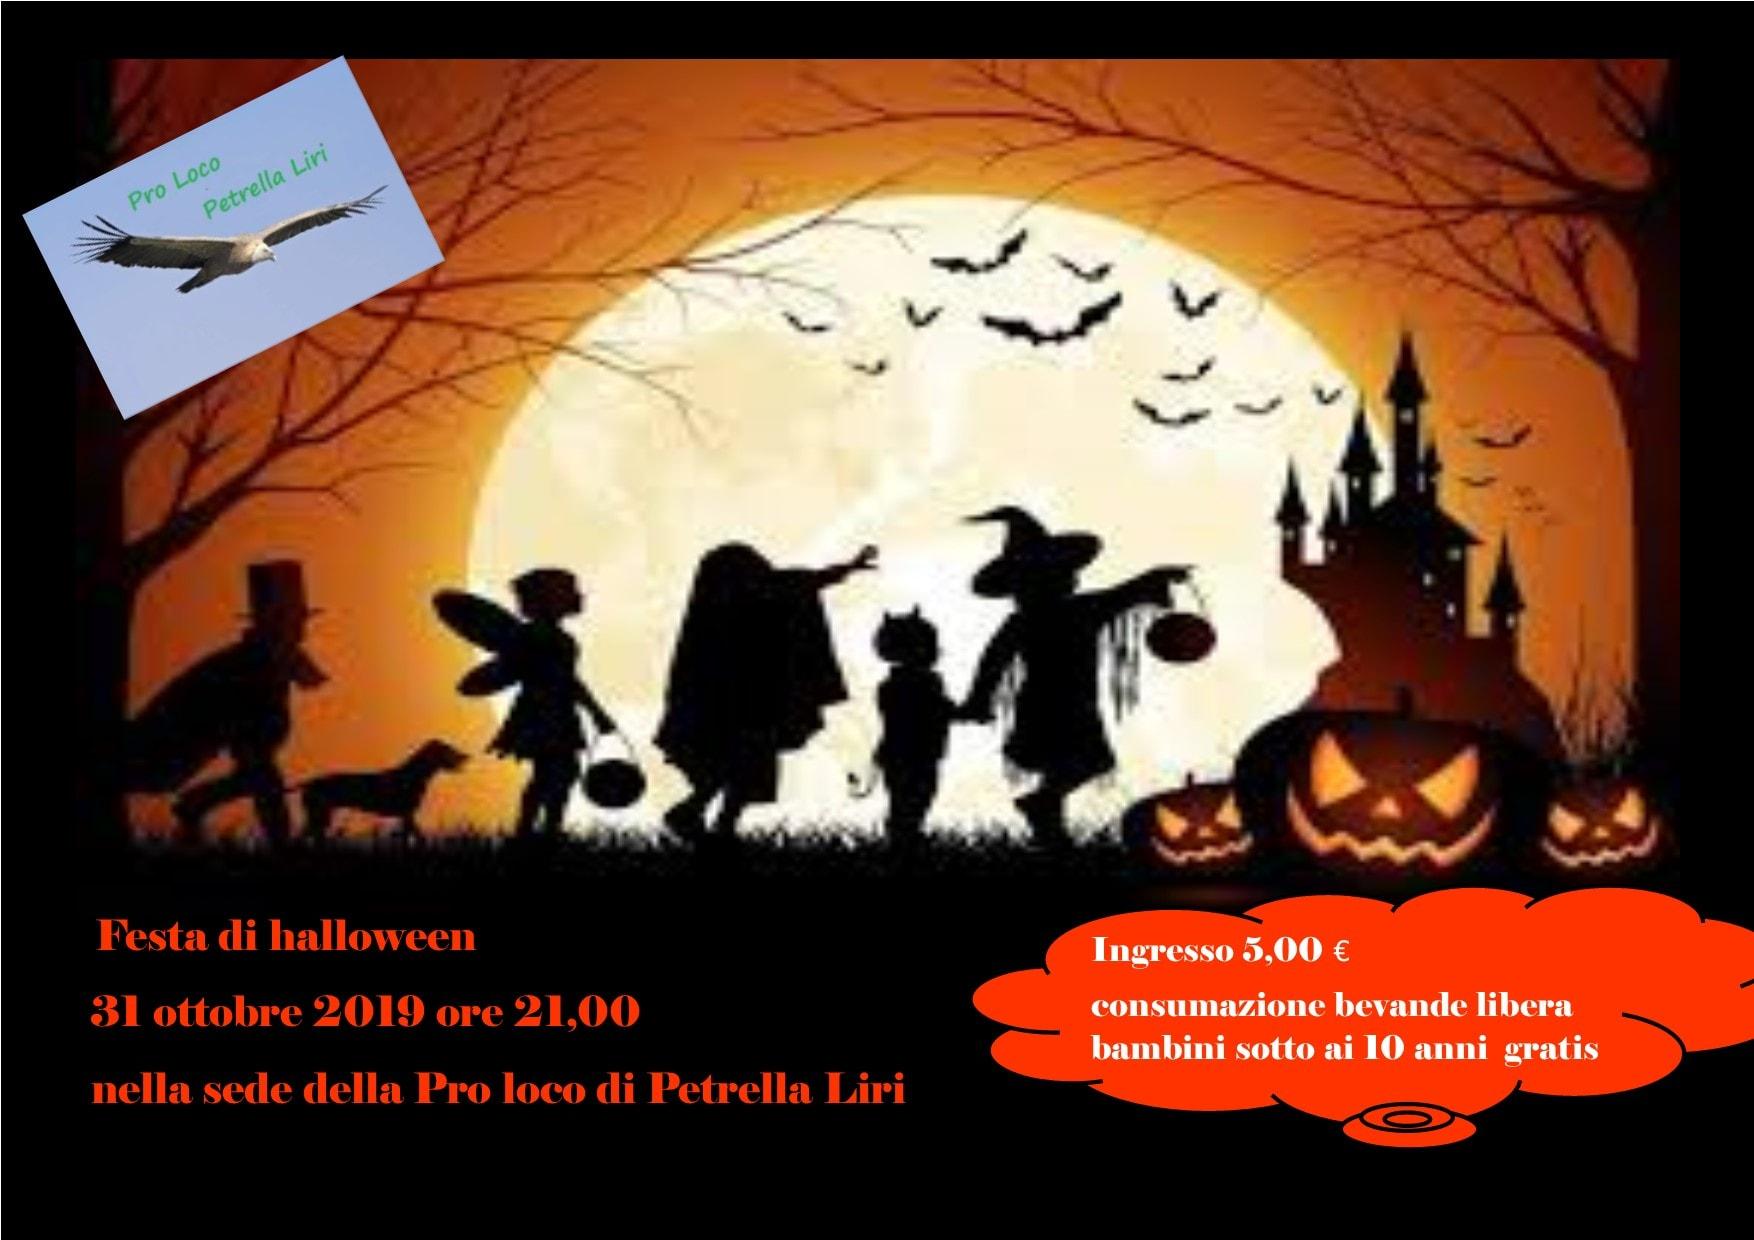 Festa di halloween a Petrella Liri di Cappadocia